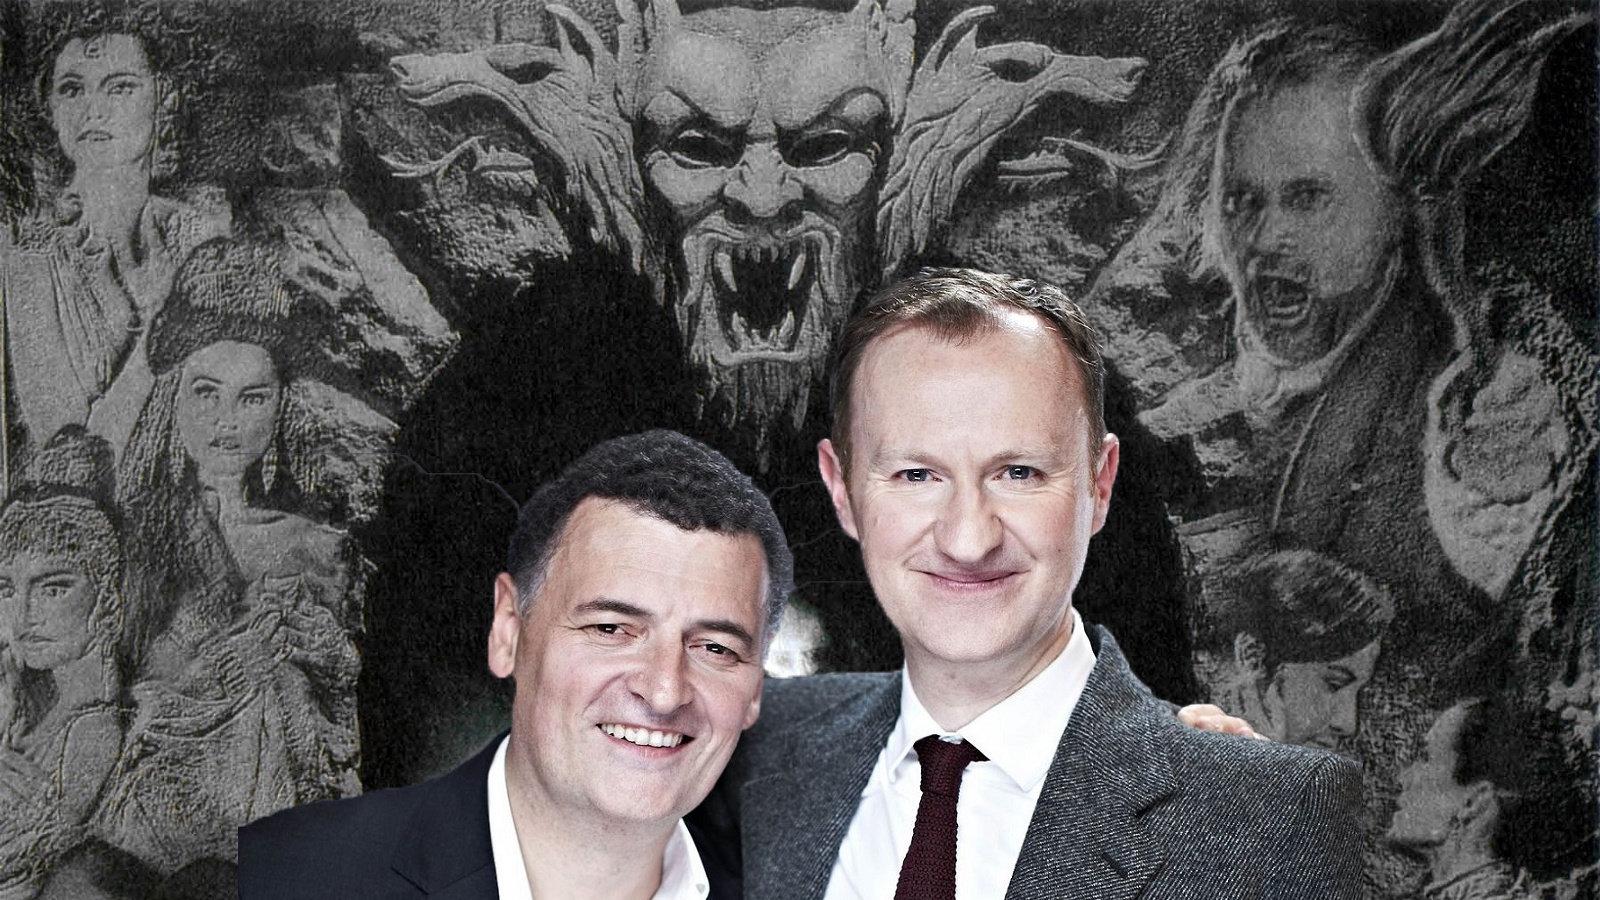 光《恶魔城》还不够,Netflix还要和BBC联手拍《德古拉》英剧